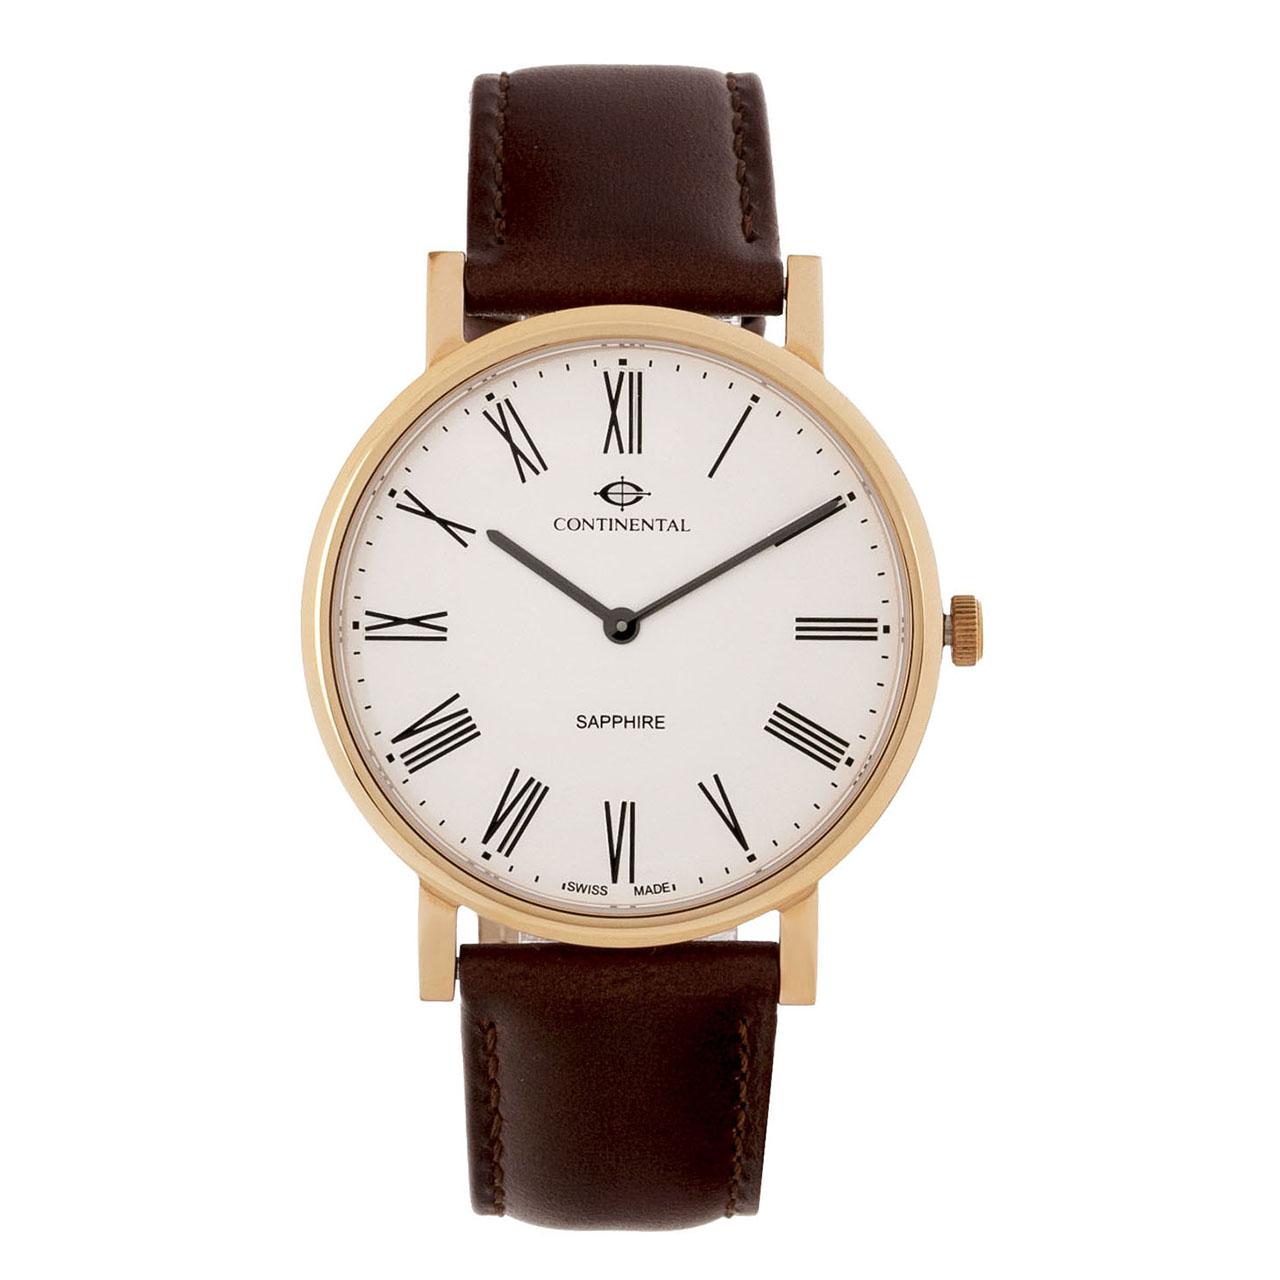 ساعت مچی عقربه ای مردانه کنتیننتال مدل 17101-R157R